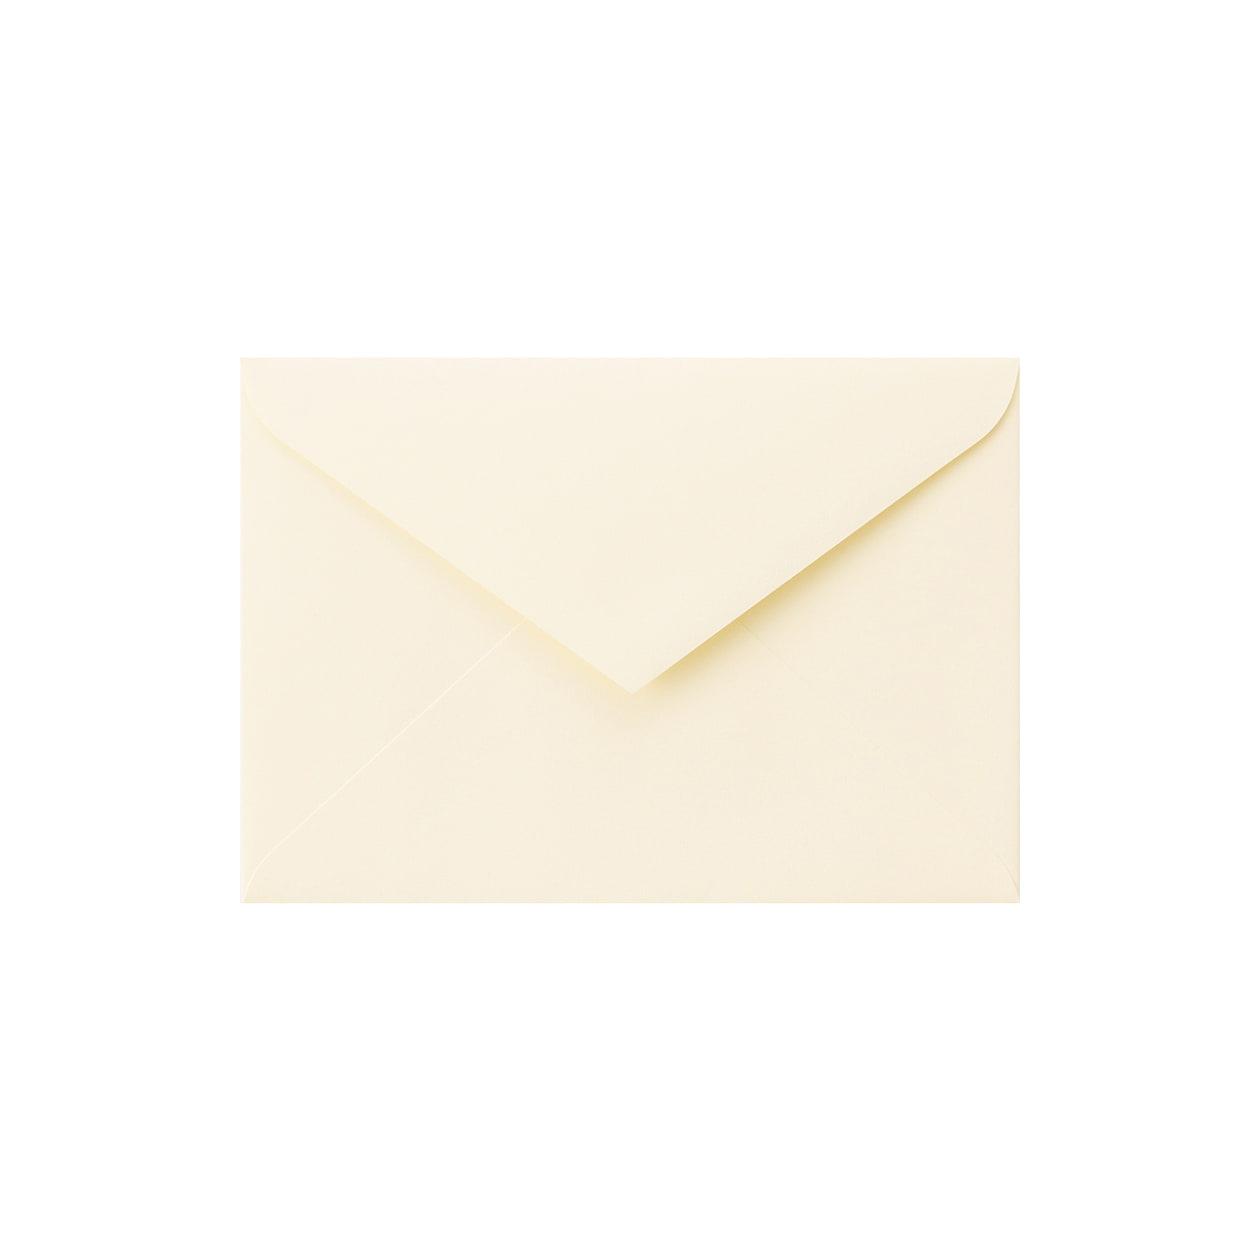 洋2ダイア封筒 コットン ナチュラル 116.3g